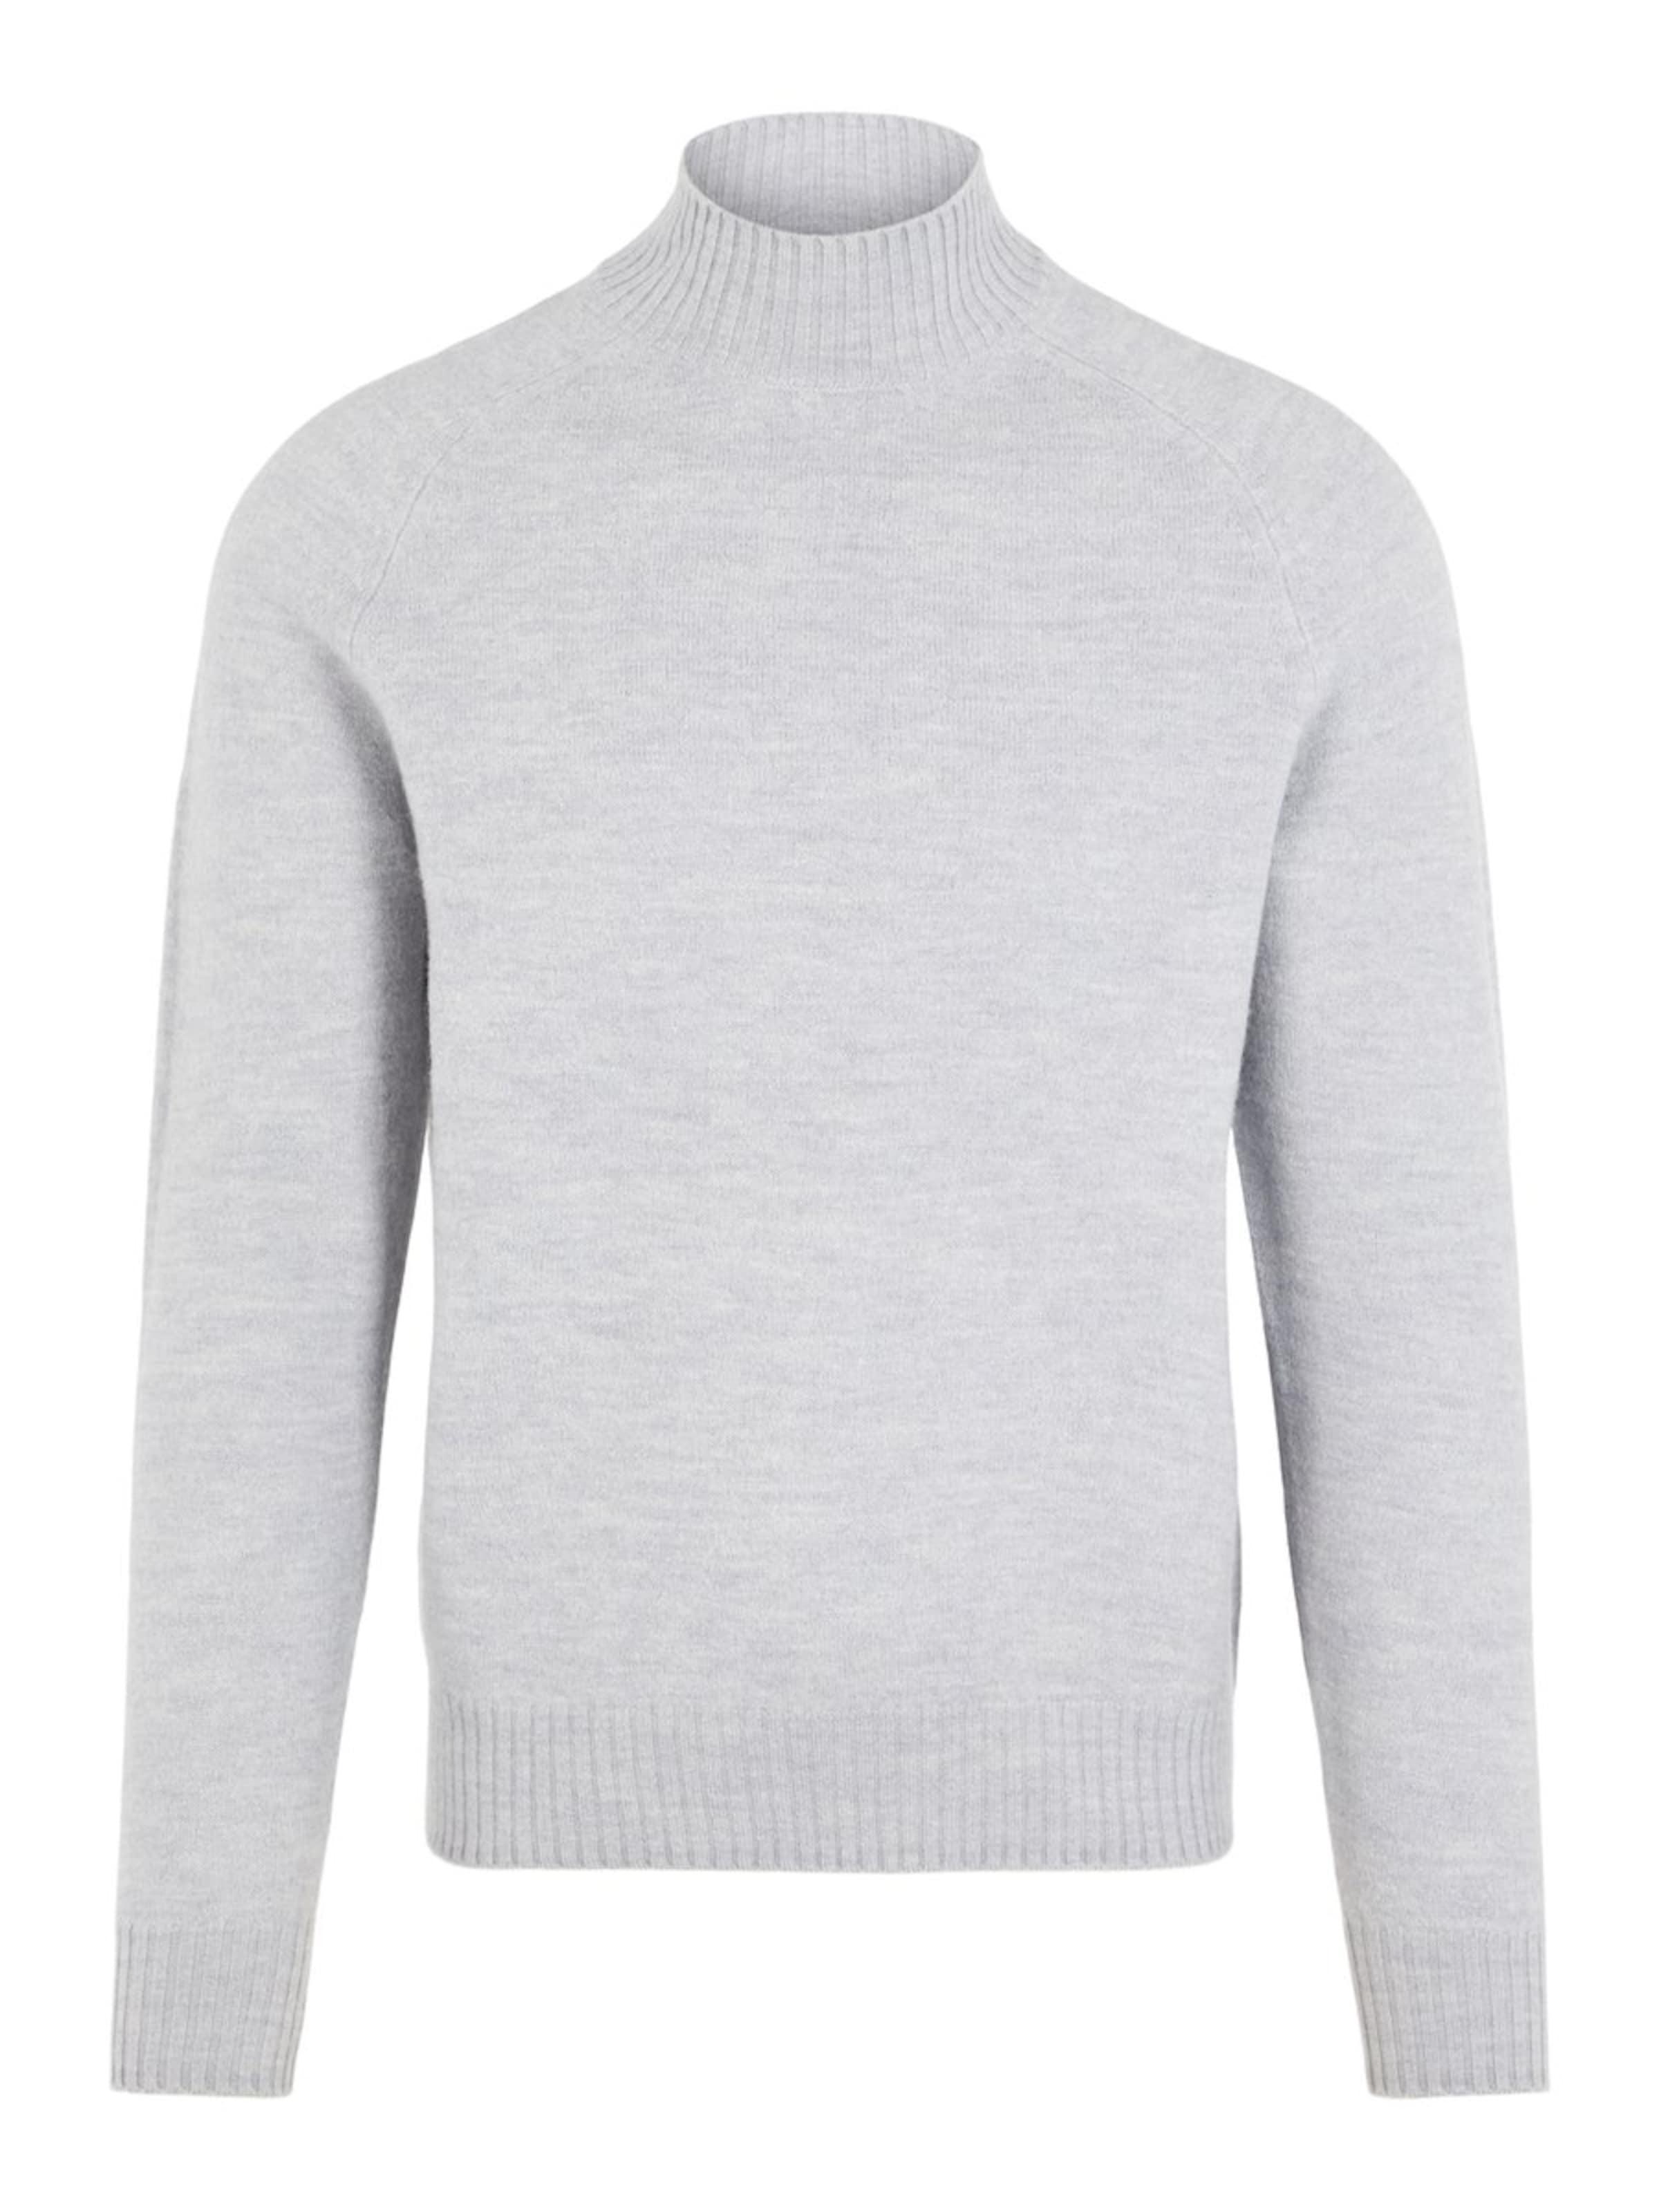 Wool' Rollkragenpullover In J 'tony lindeberg Graumeliert P8wknO0X